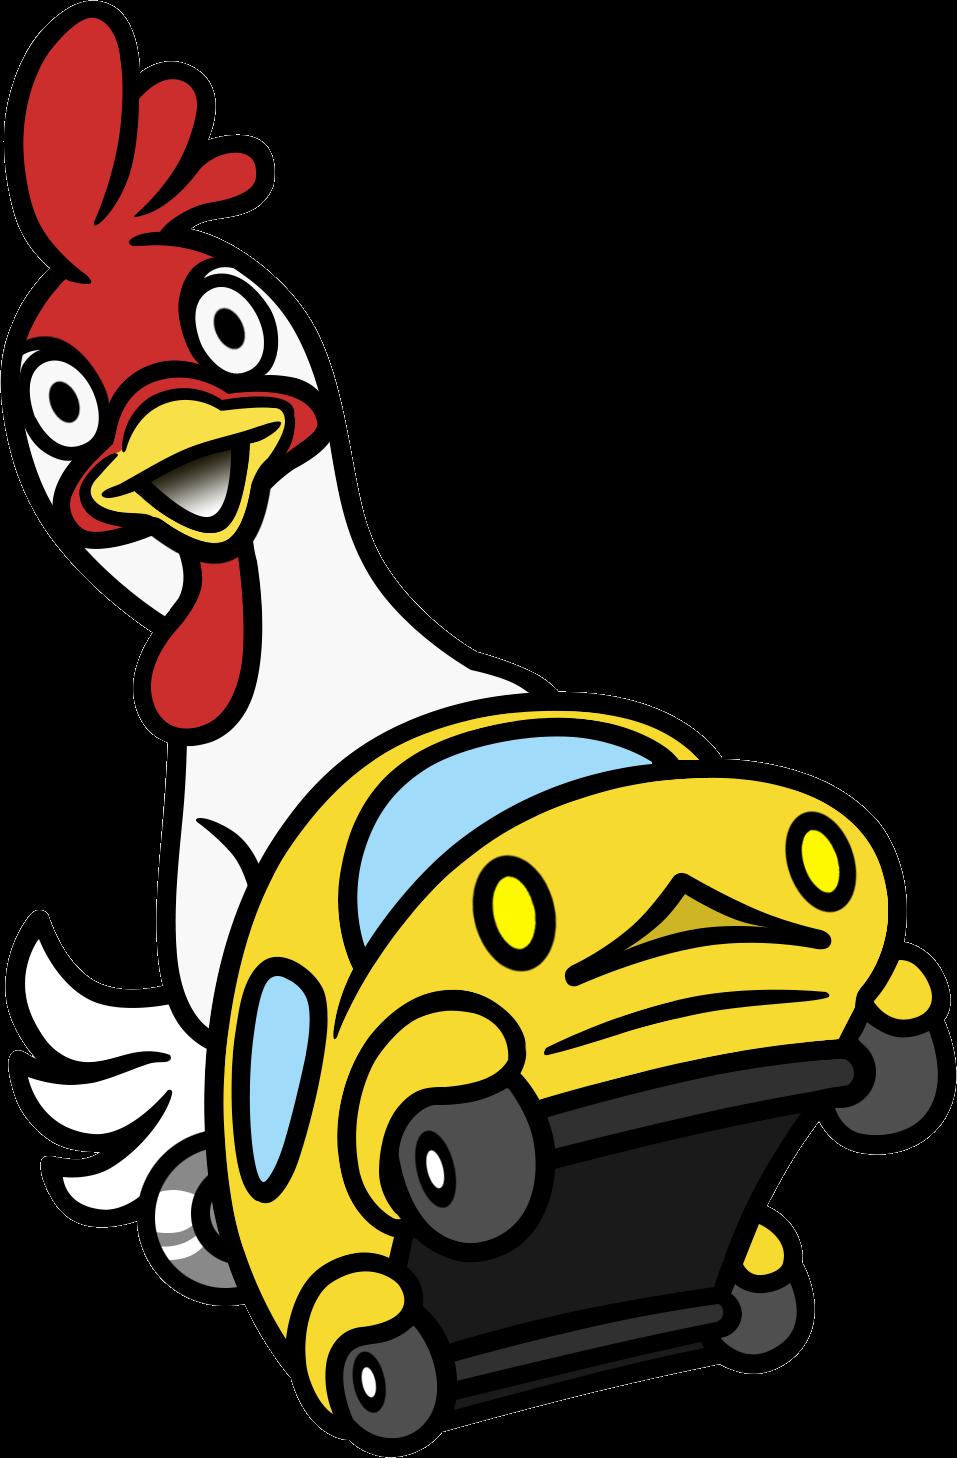 Heaven clipart kingdom heaven. Mr chicken rhythm wiki